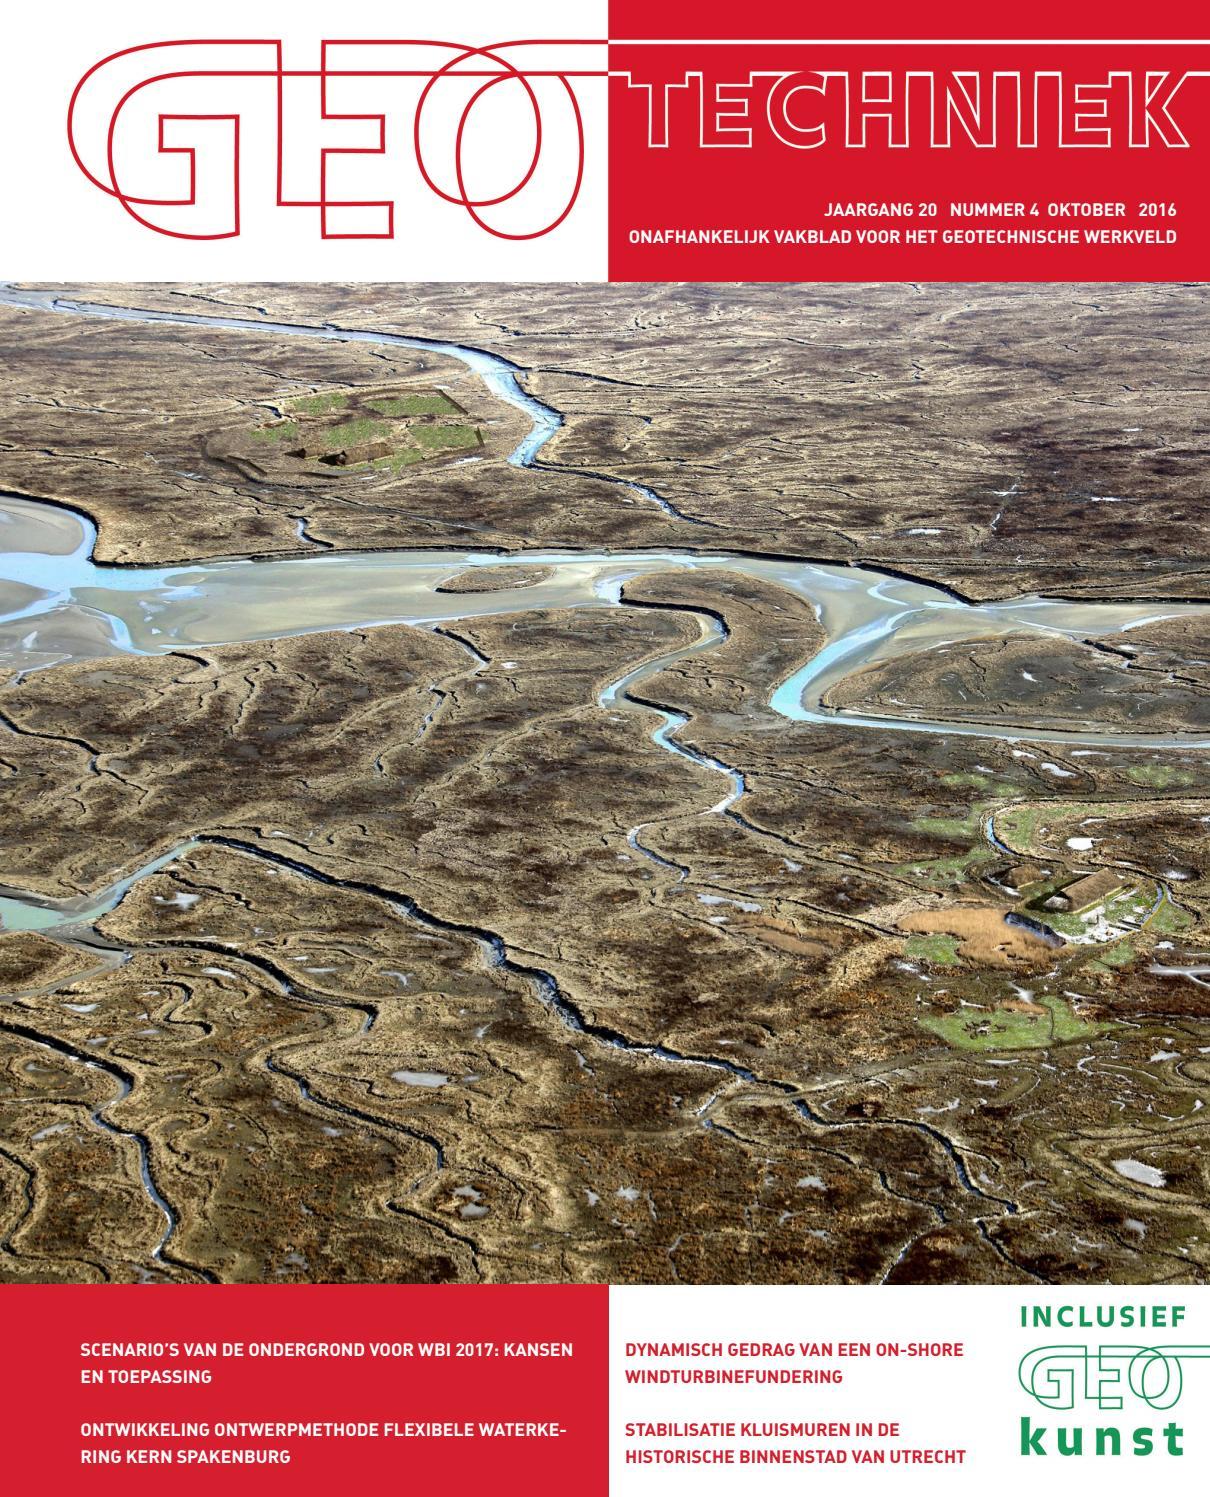 Geotechniek oktober 2015 by uitgeverij educom   issuu